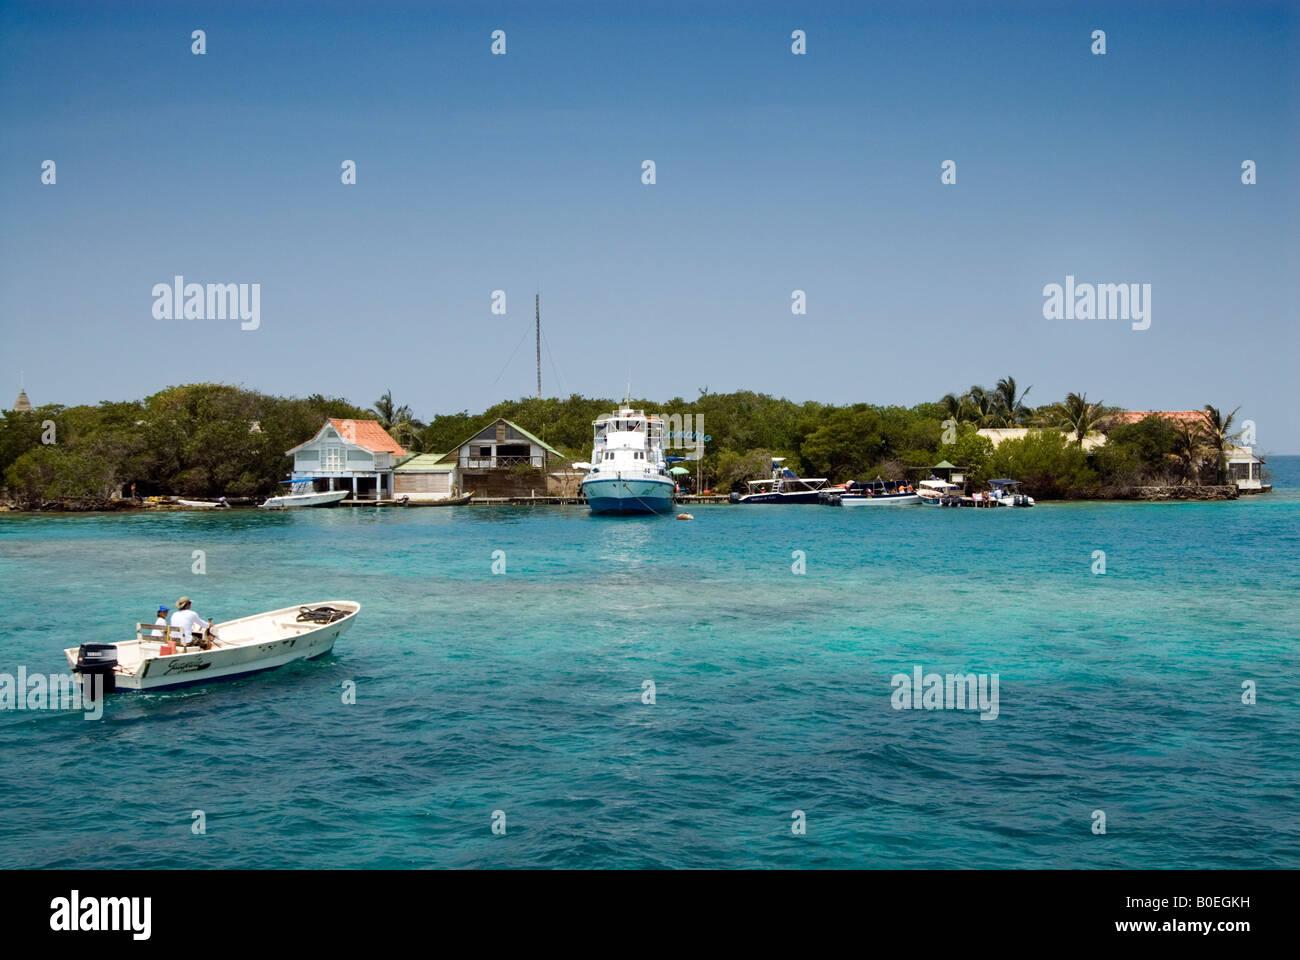 Isla de San Martin de Pajarales one of the Islas de Rosario, Cartagena de Indias, Colombia - Stock Image